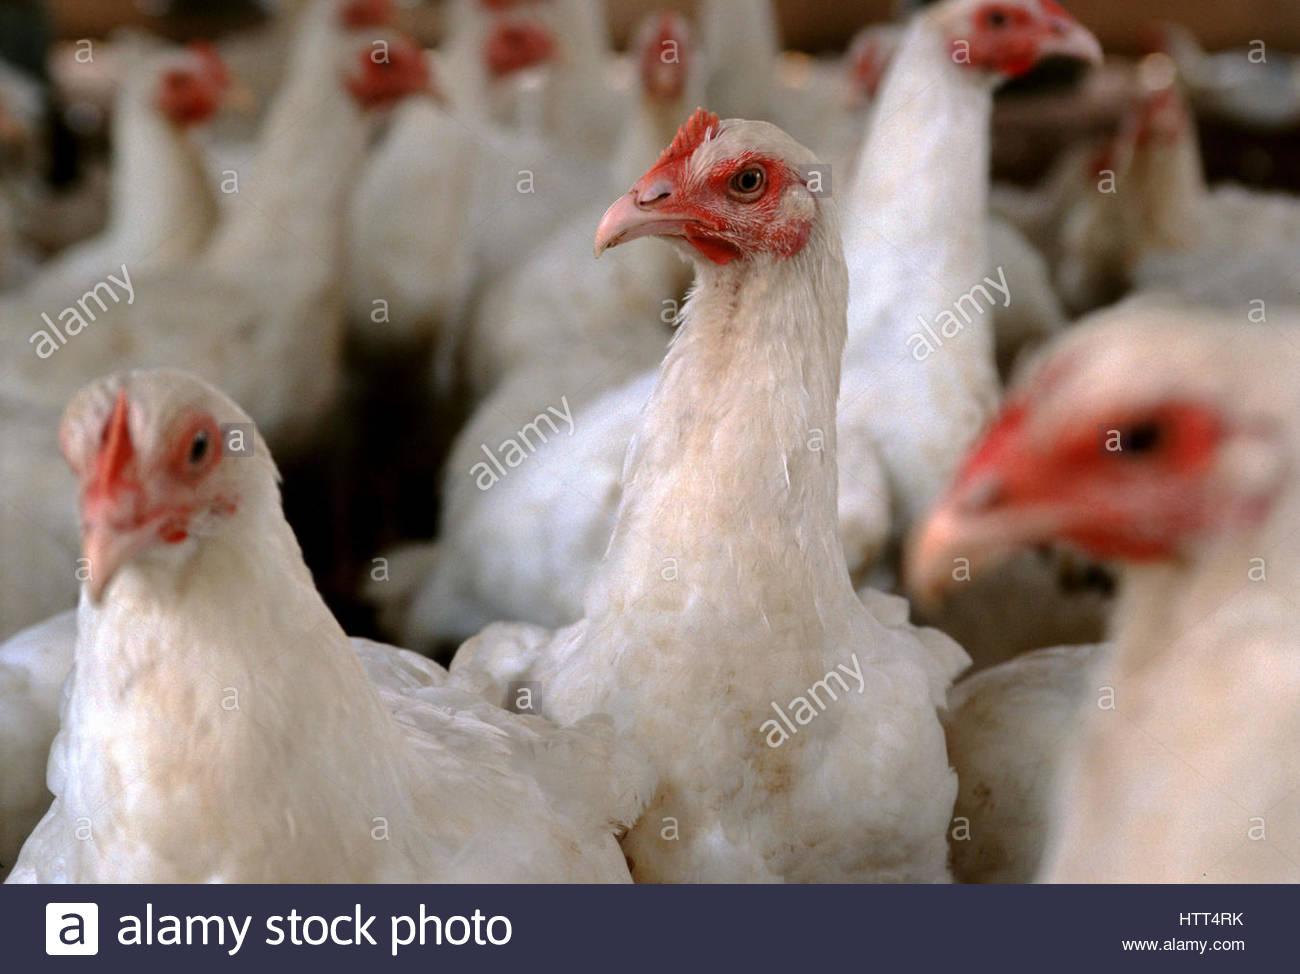 BENIN, Porto Novo, Songhai bio farm, Chickens. - Stock Image